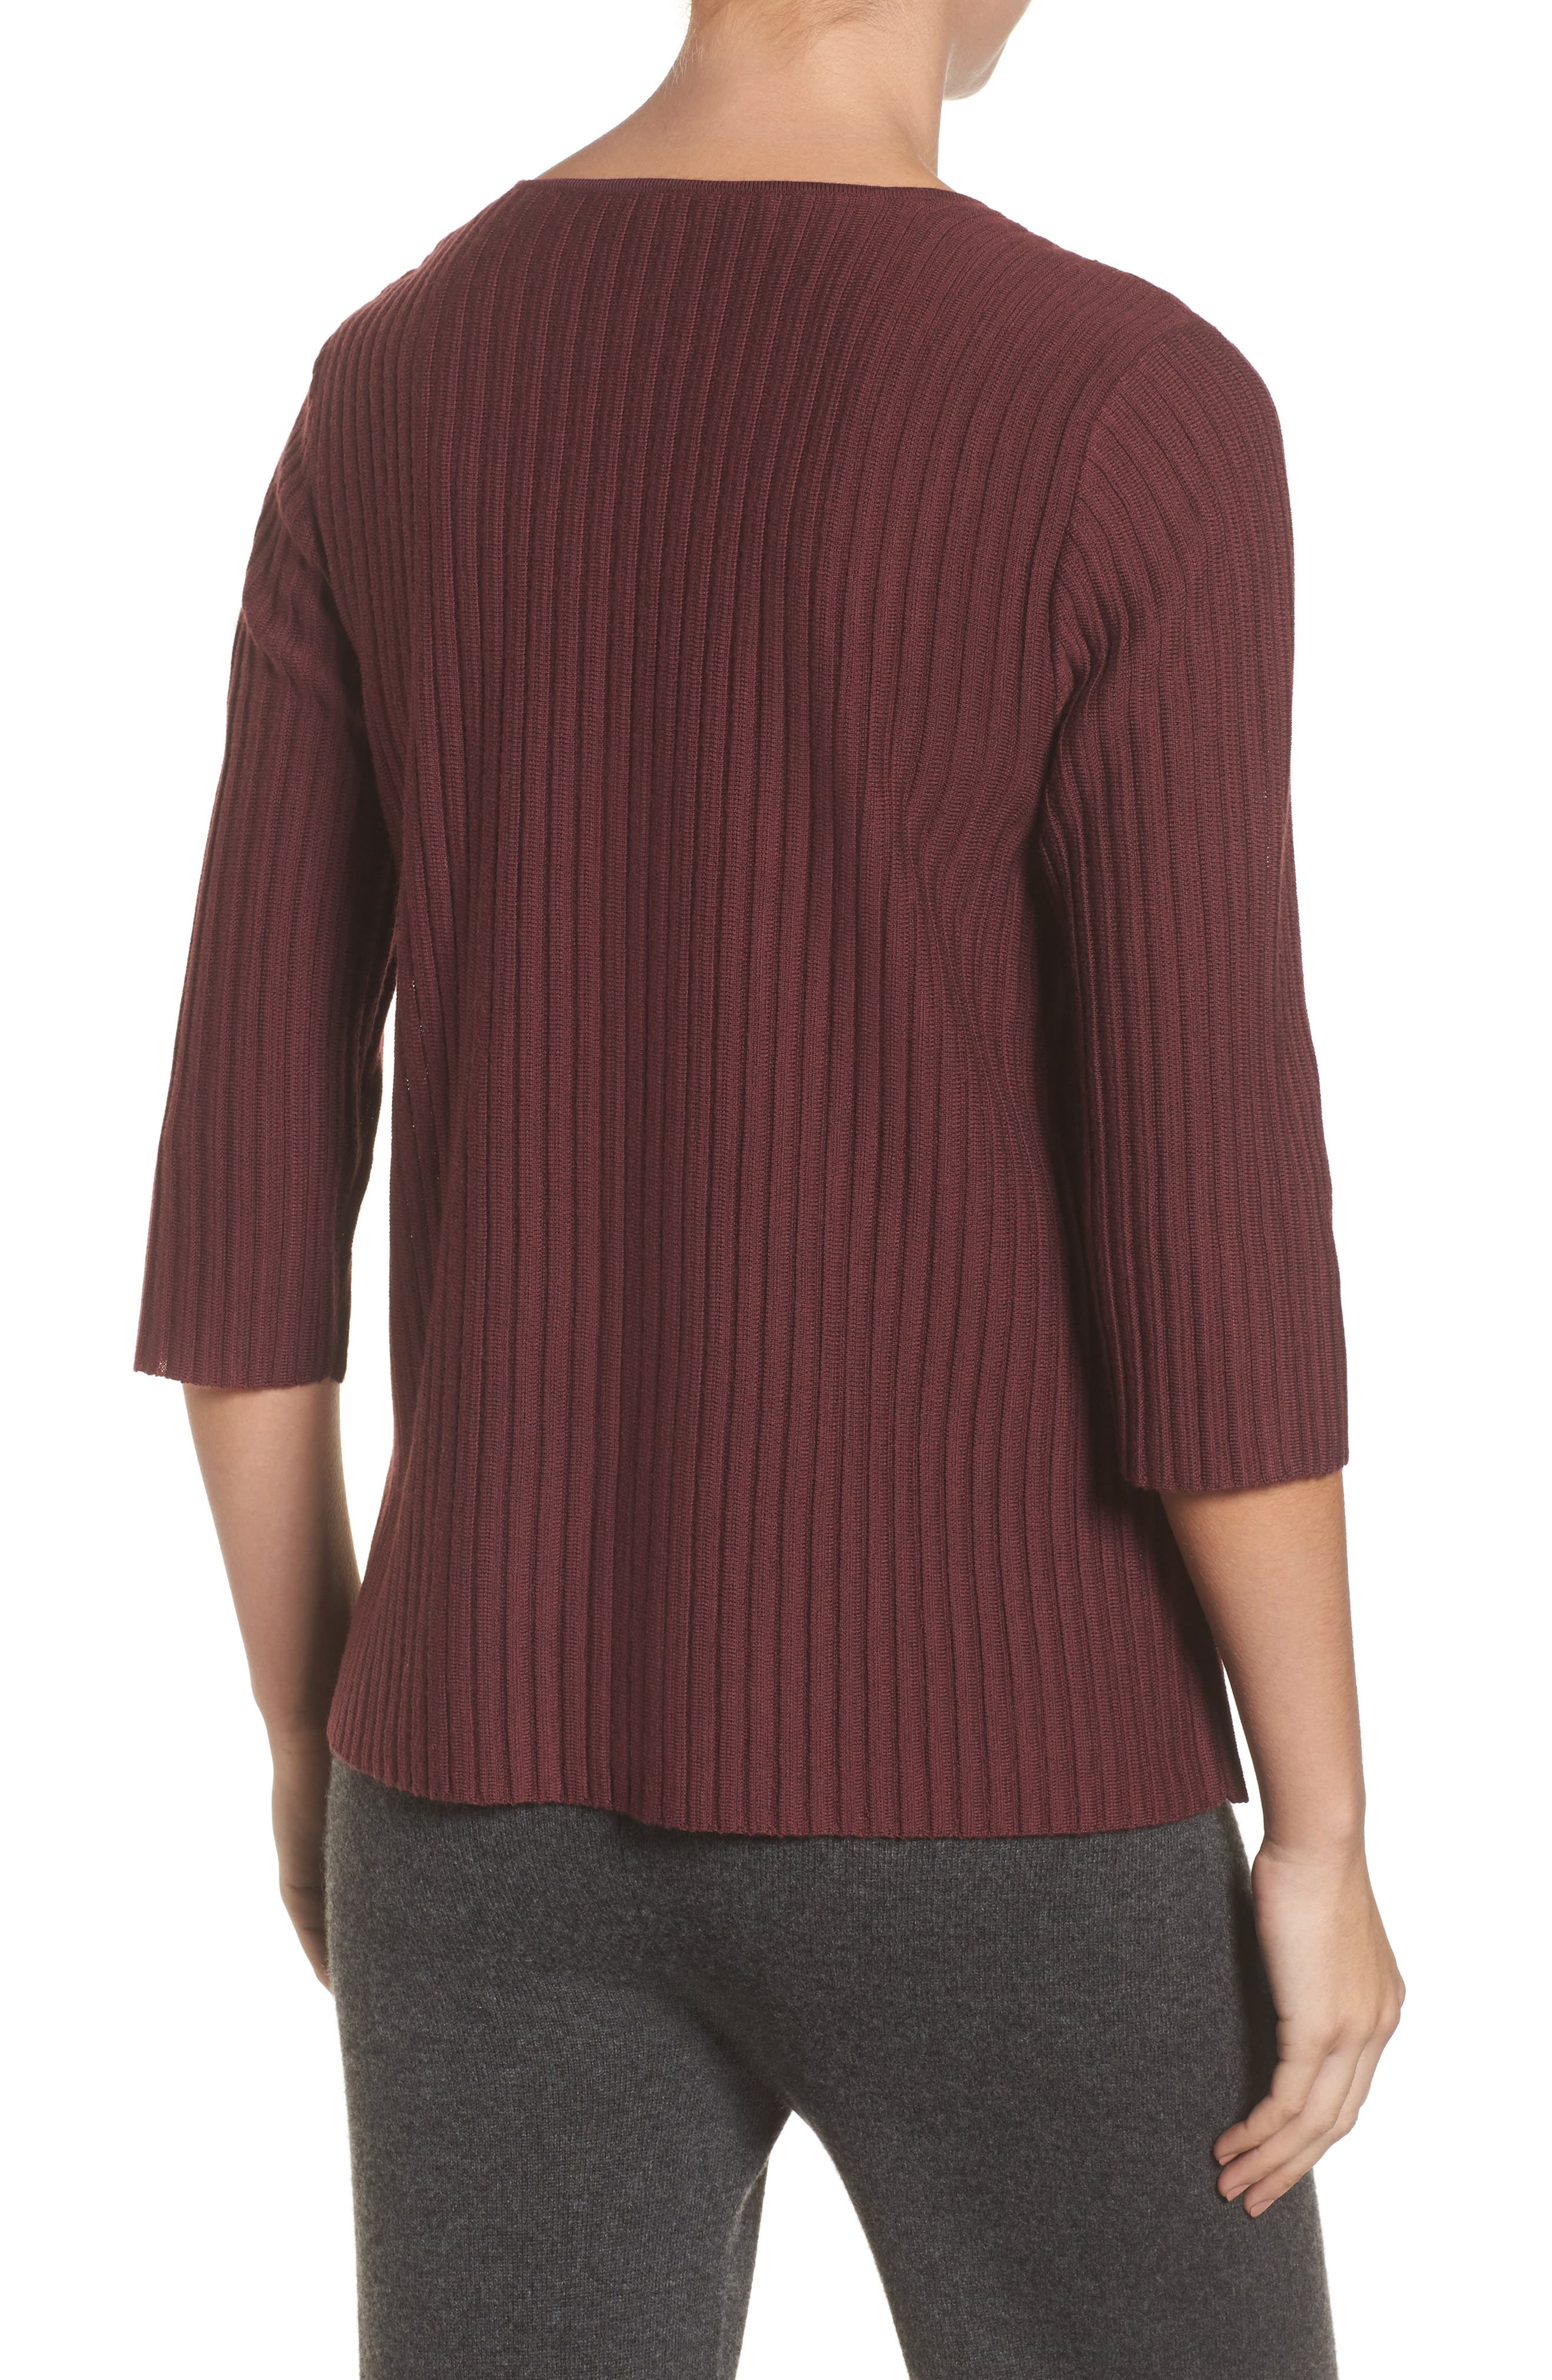 Alternate Image 2  - Eileen Fisher Ribbed Merino Wool Sweater (Regular & Petite)